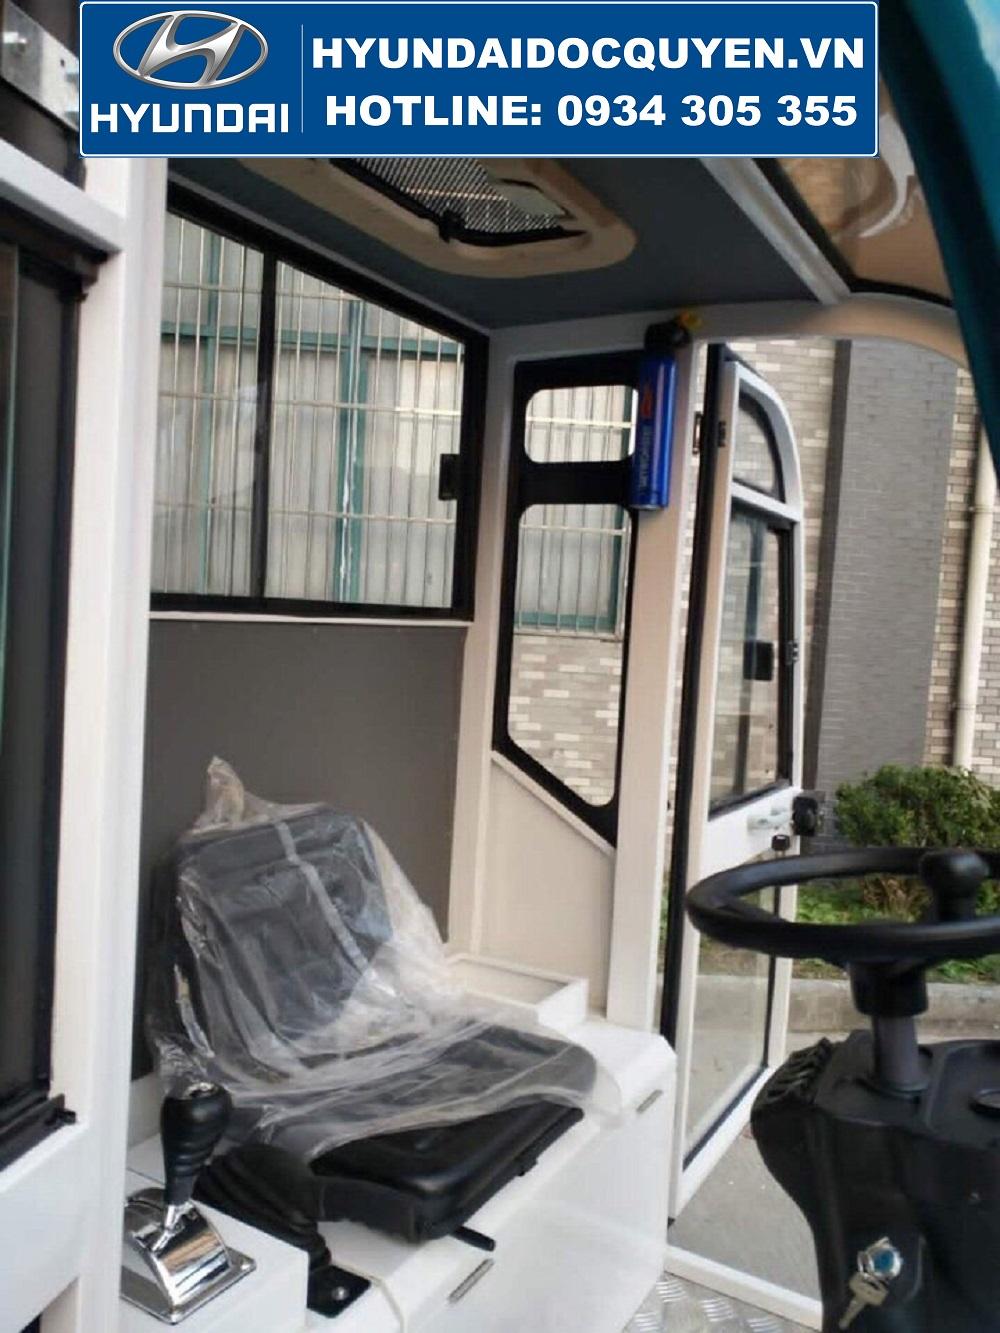 nội thất xe quét rác hút bụi kl2100